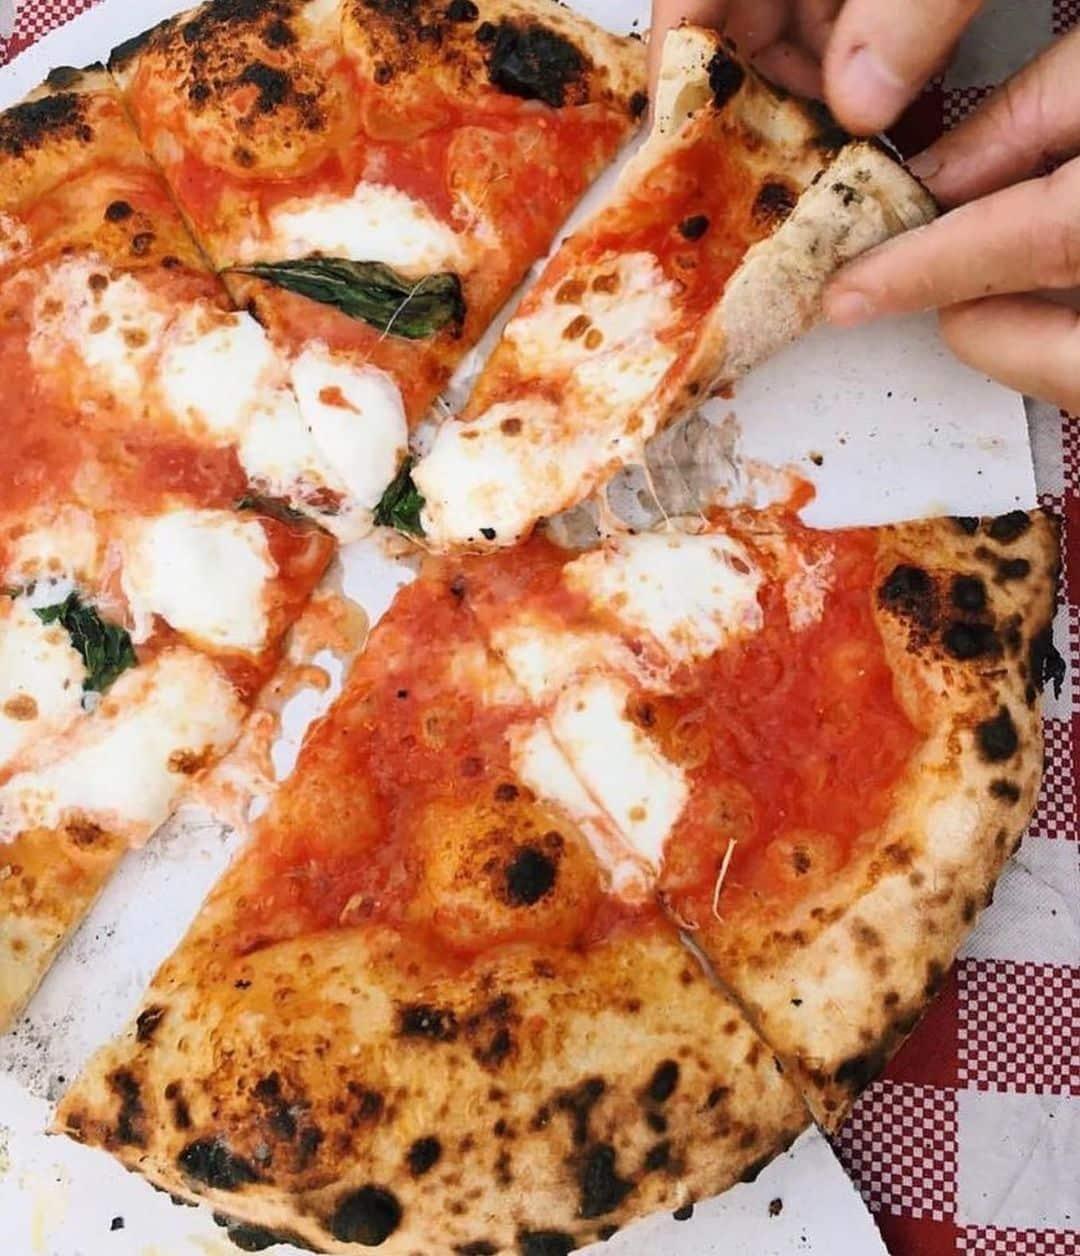 DoughNation Pizza Truck